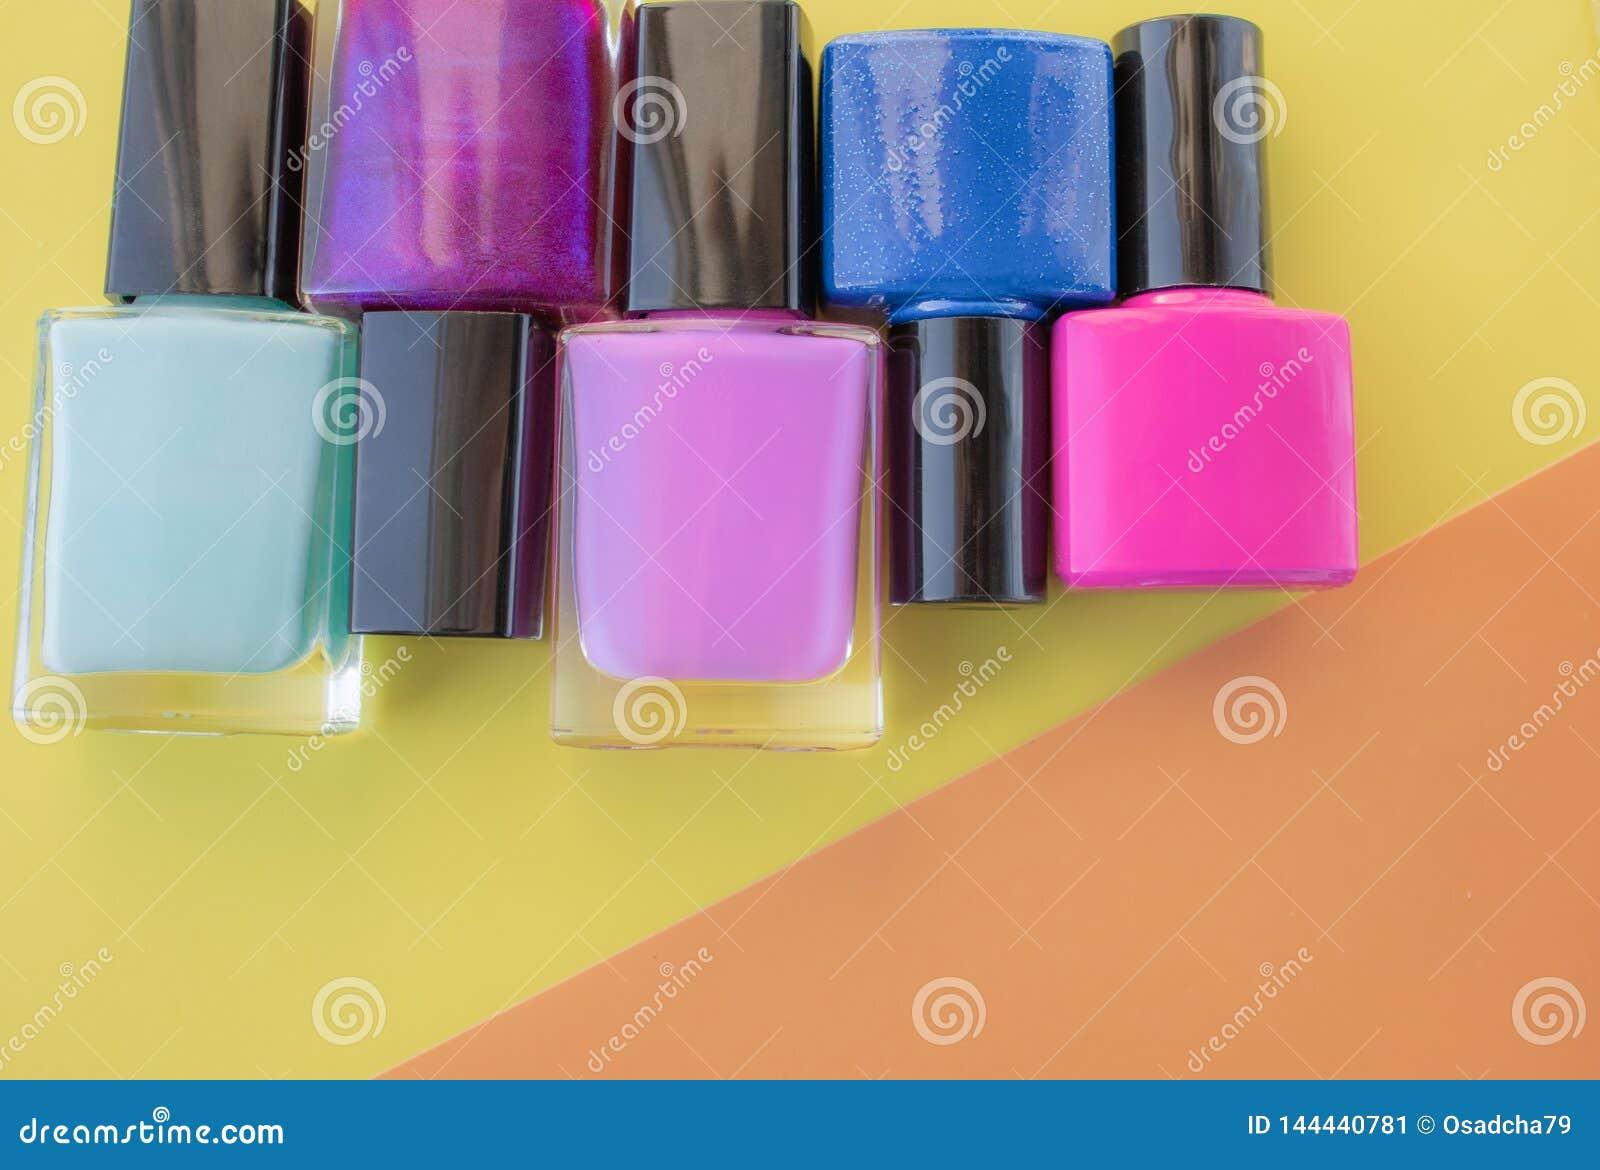 Flaschen Nagellack Eine Gruppe helle Nagellacke auf einem farbigen, gelben Hintergrund